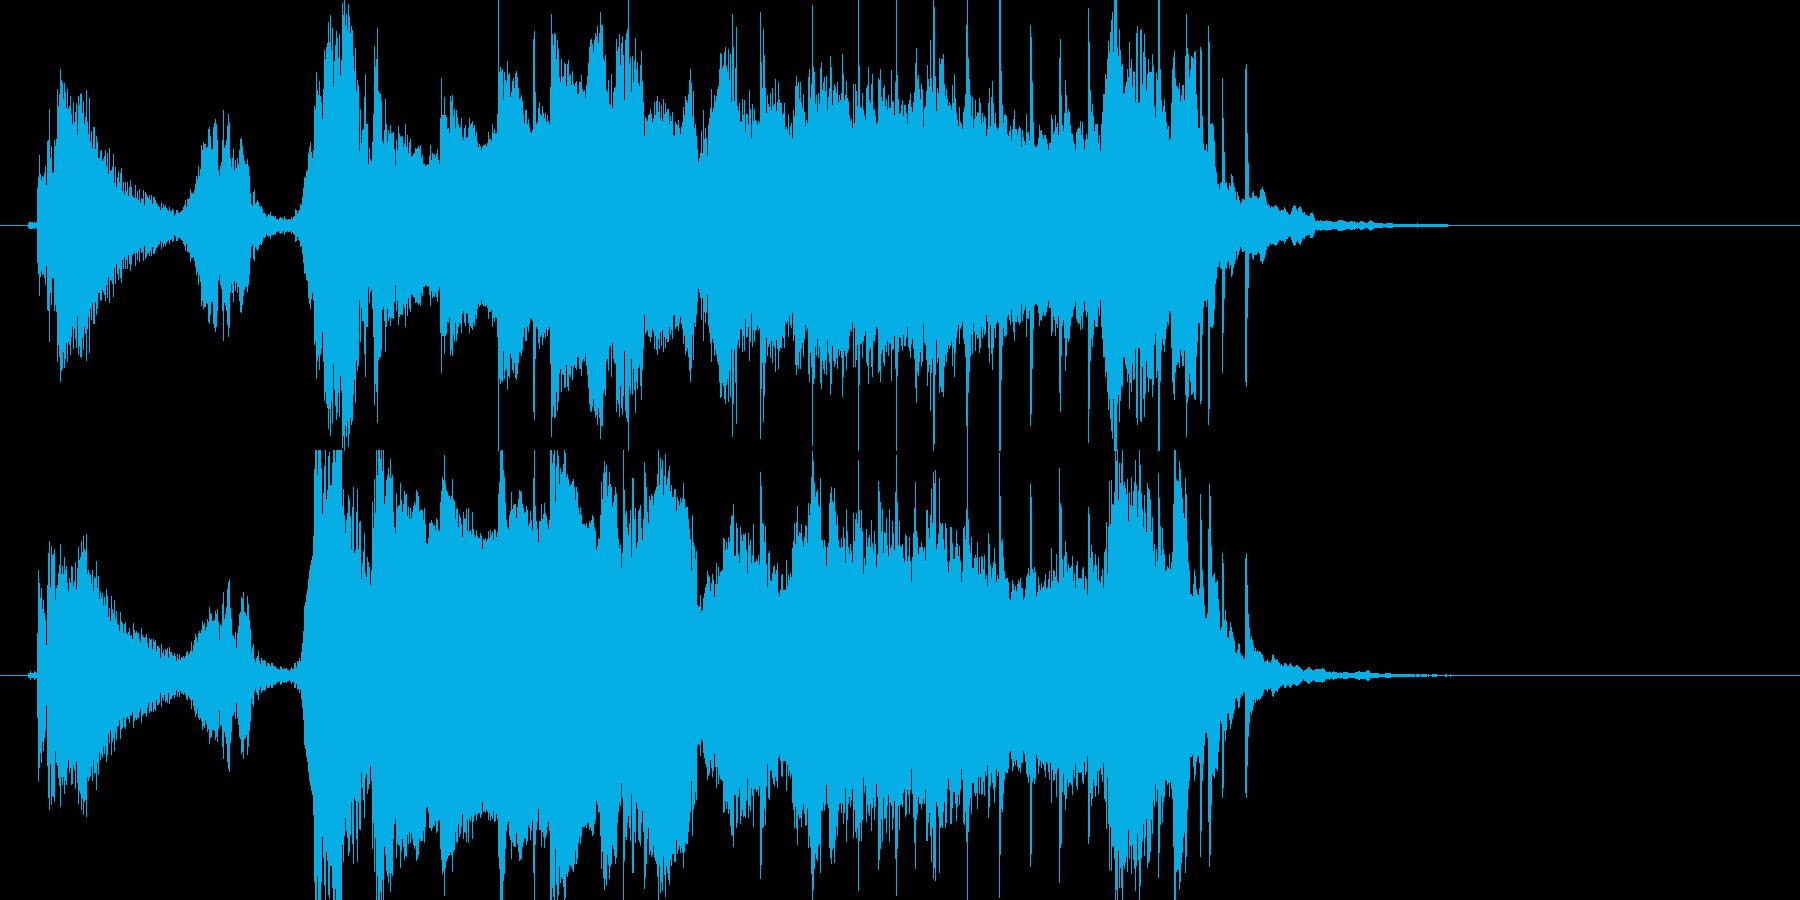 和風尺八ジングル雅 よぉ琴 ノーマルの再生済みの波形